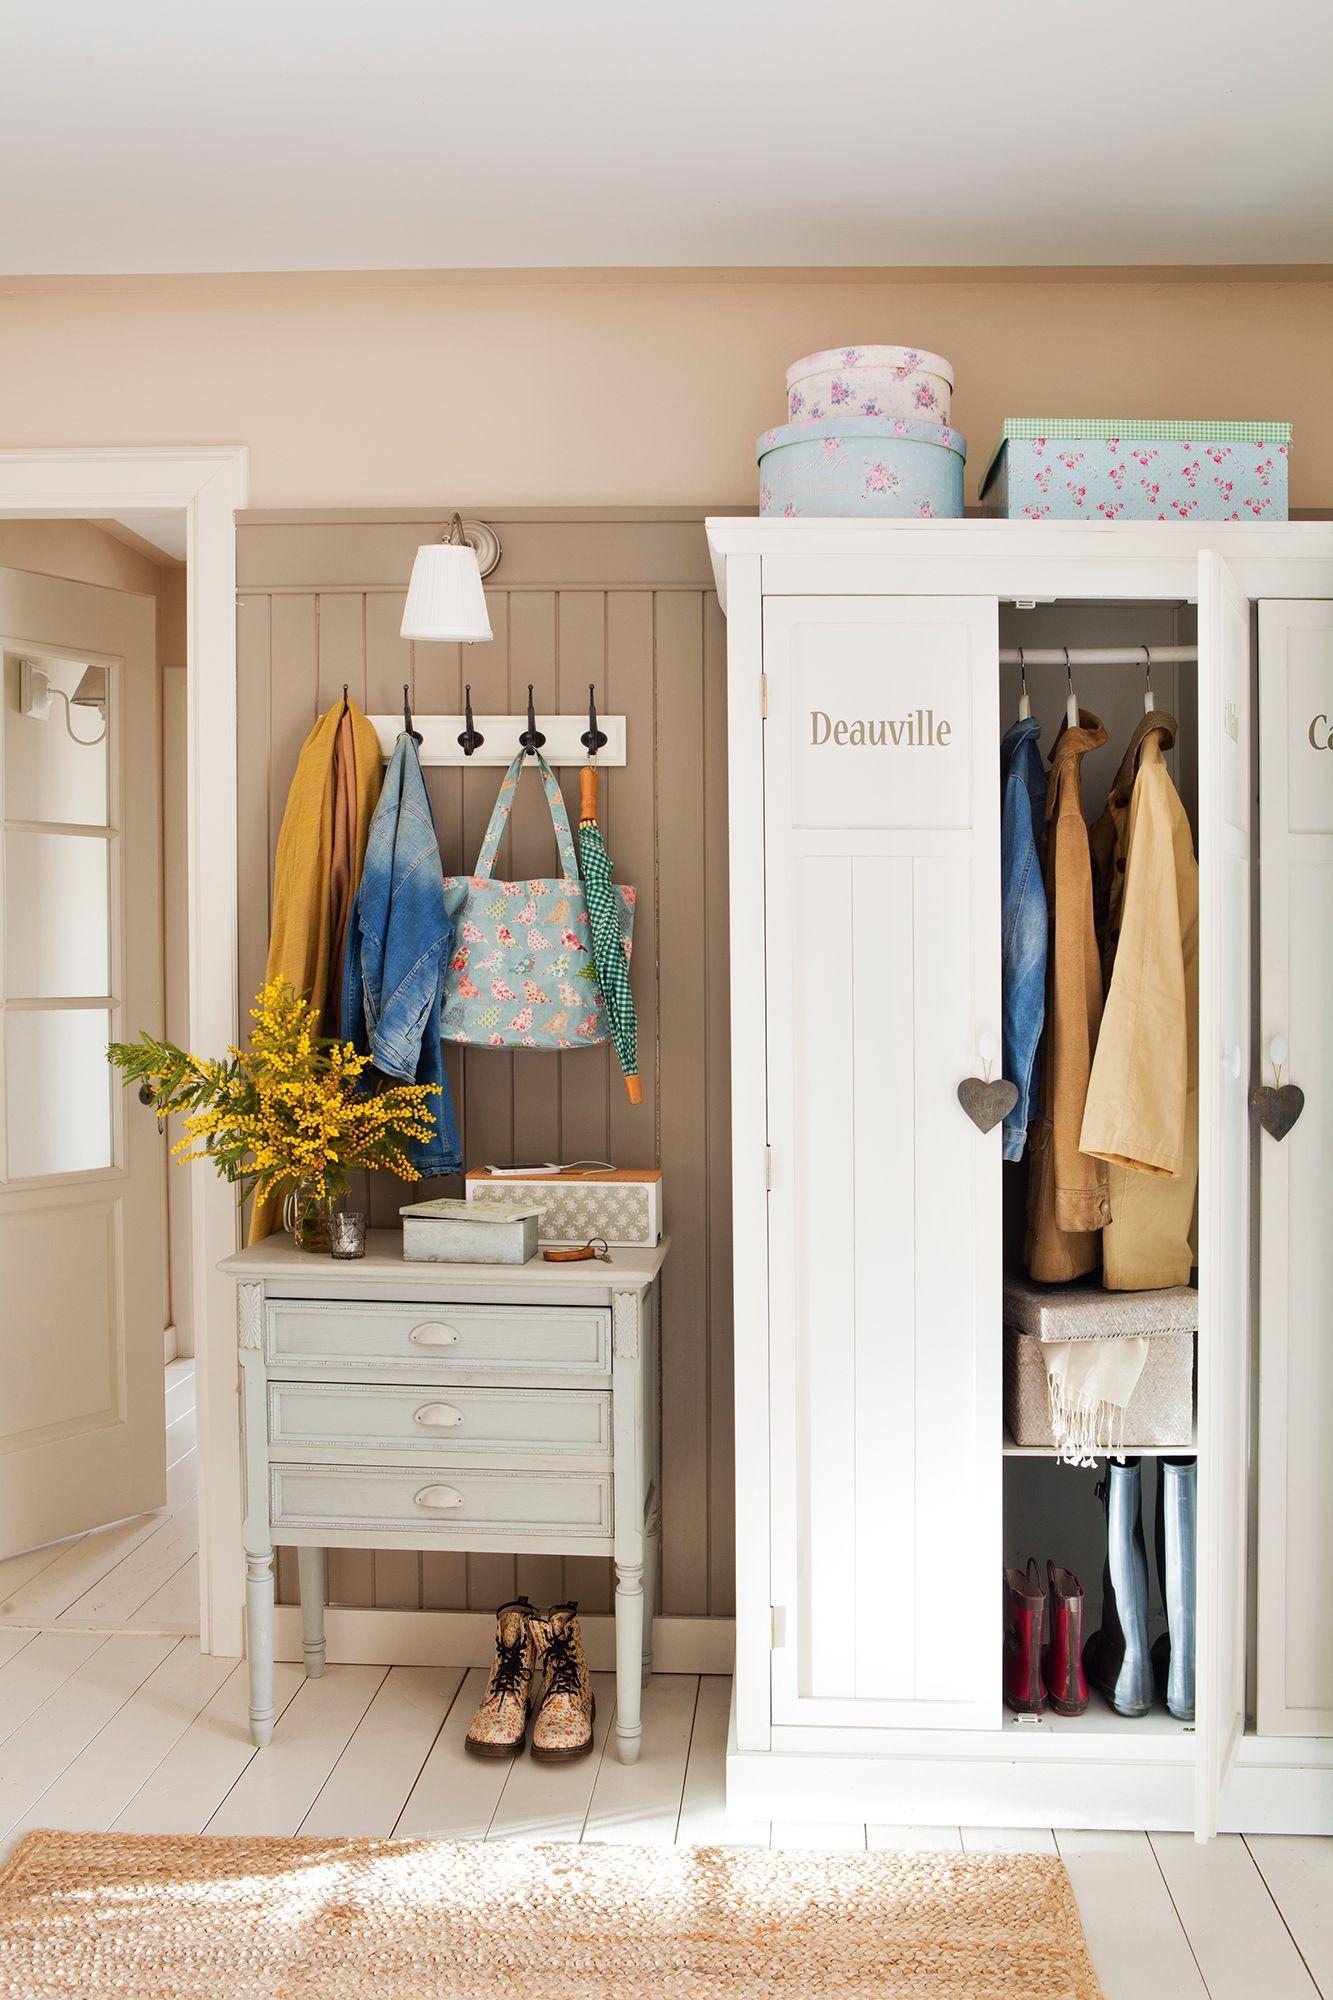 00404022b recibidor con suelo de madera blanco y armario y c moda 00404022b recibidores para - Recibidor con armario ...